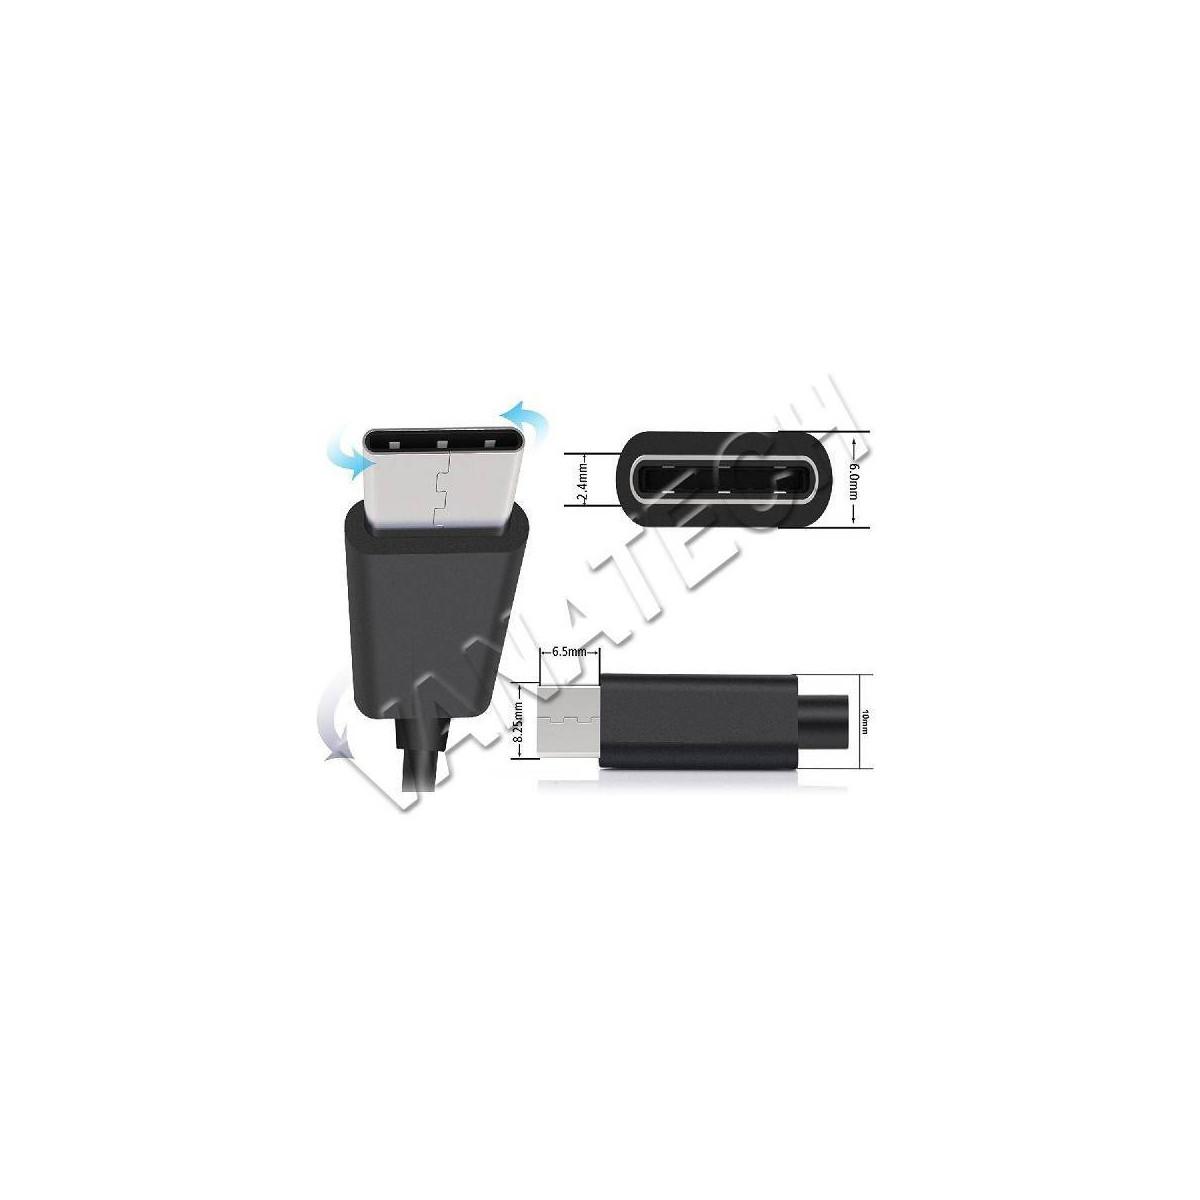 HARD DISK ESTERNO MAXTOR SEAGATE 1TB USB 3.0 2,5 STSHX-M101TCB